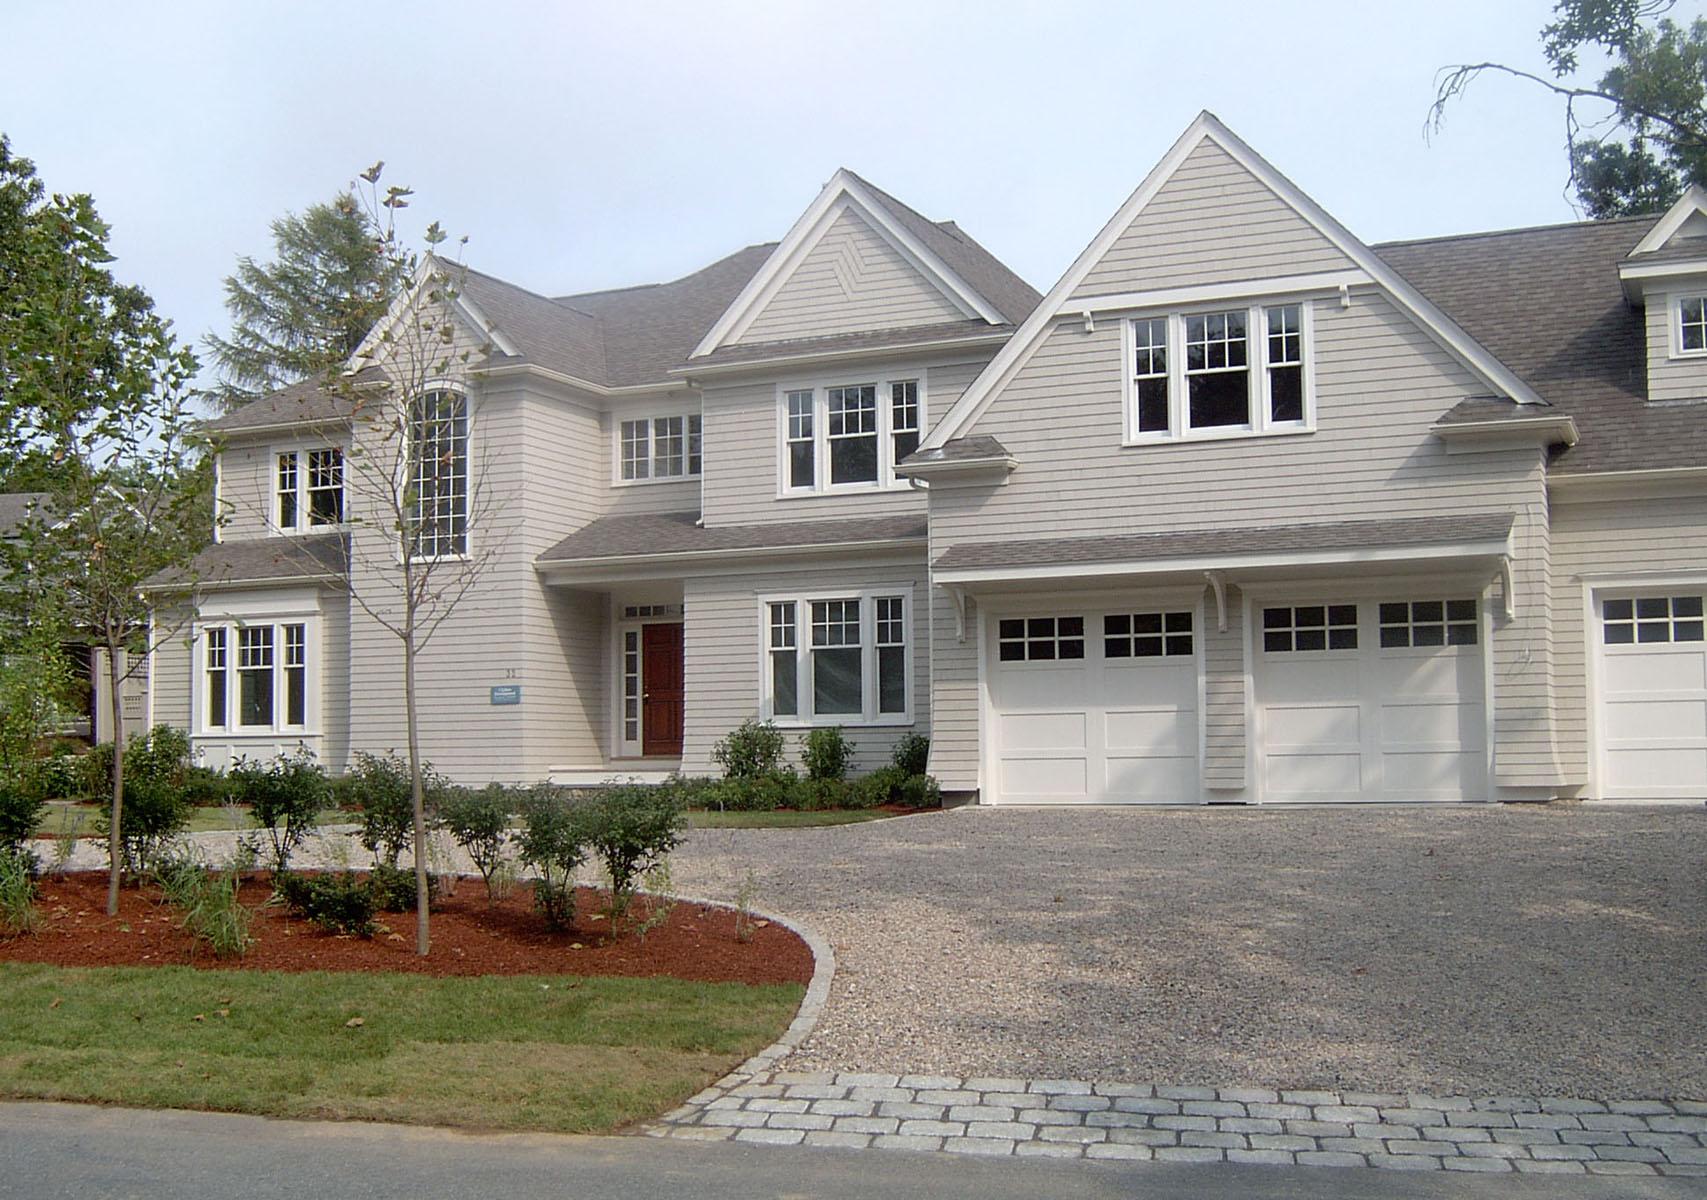 Villa per Vendita alle ore PRISTINE GOLF FRONT HOME 32 Glenneagle Drive New Seabury, Massachusetts, 02649 Stati Uniti